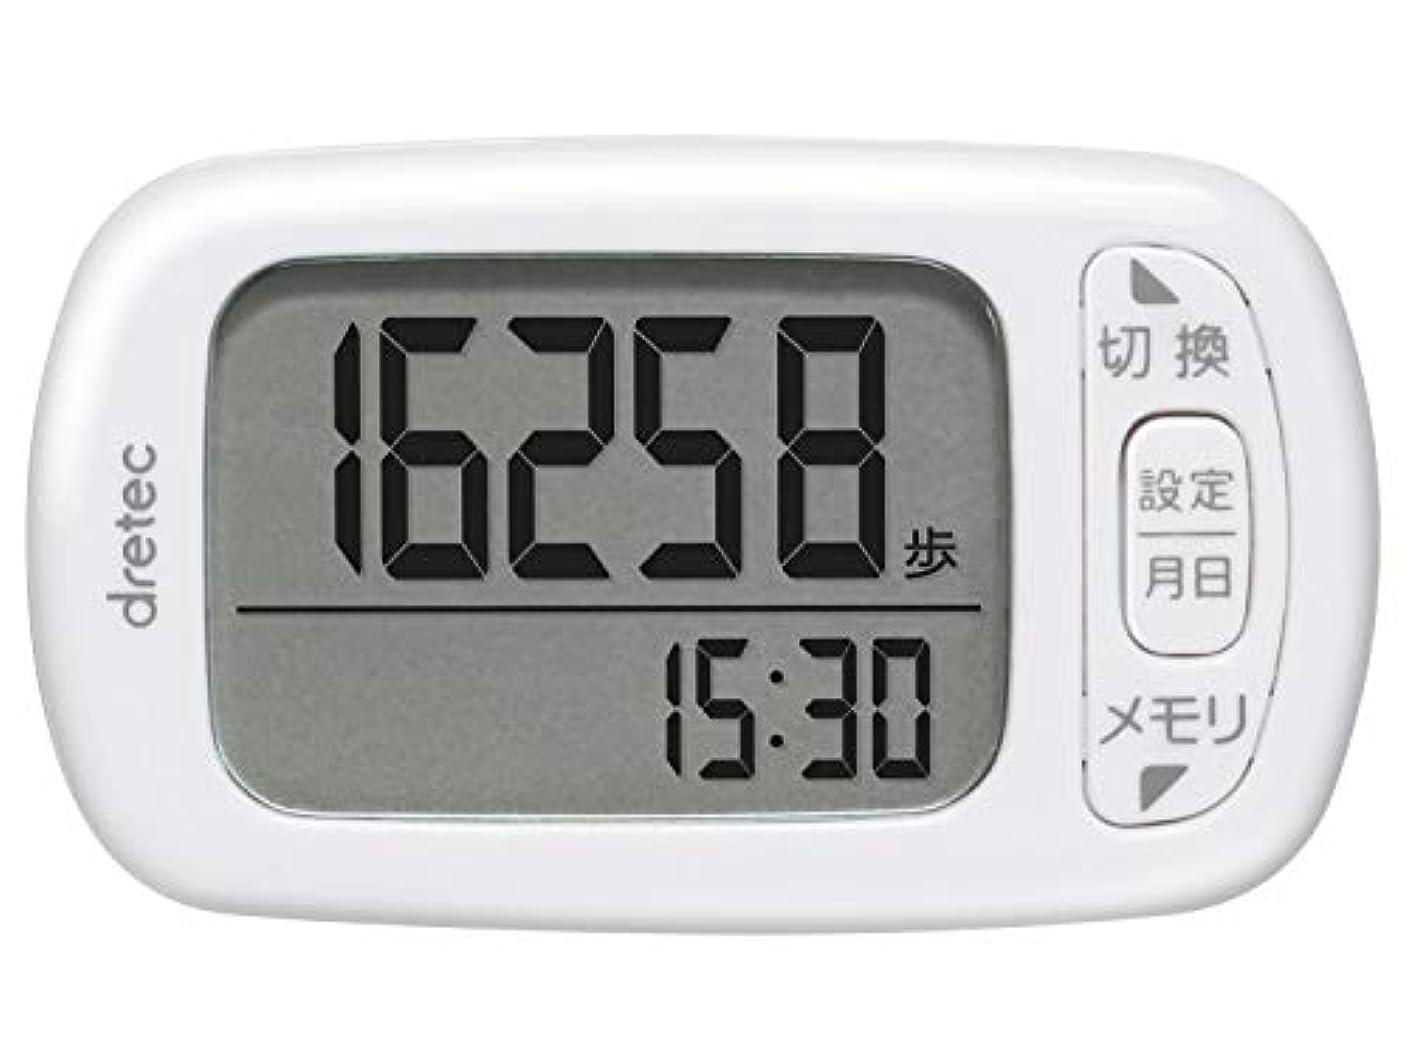 ジャニス寄生虫レトルトdretec(ドリテック) 歩数計 大画面 消費カロリー エクササイズ表示 3Dセンサー 30日間メモリー H-235WT ホワイト